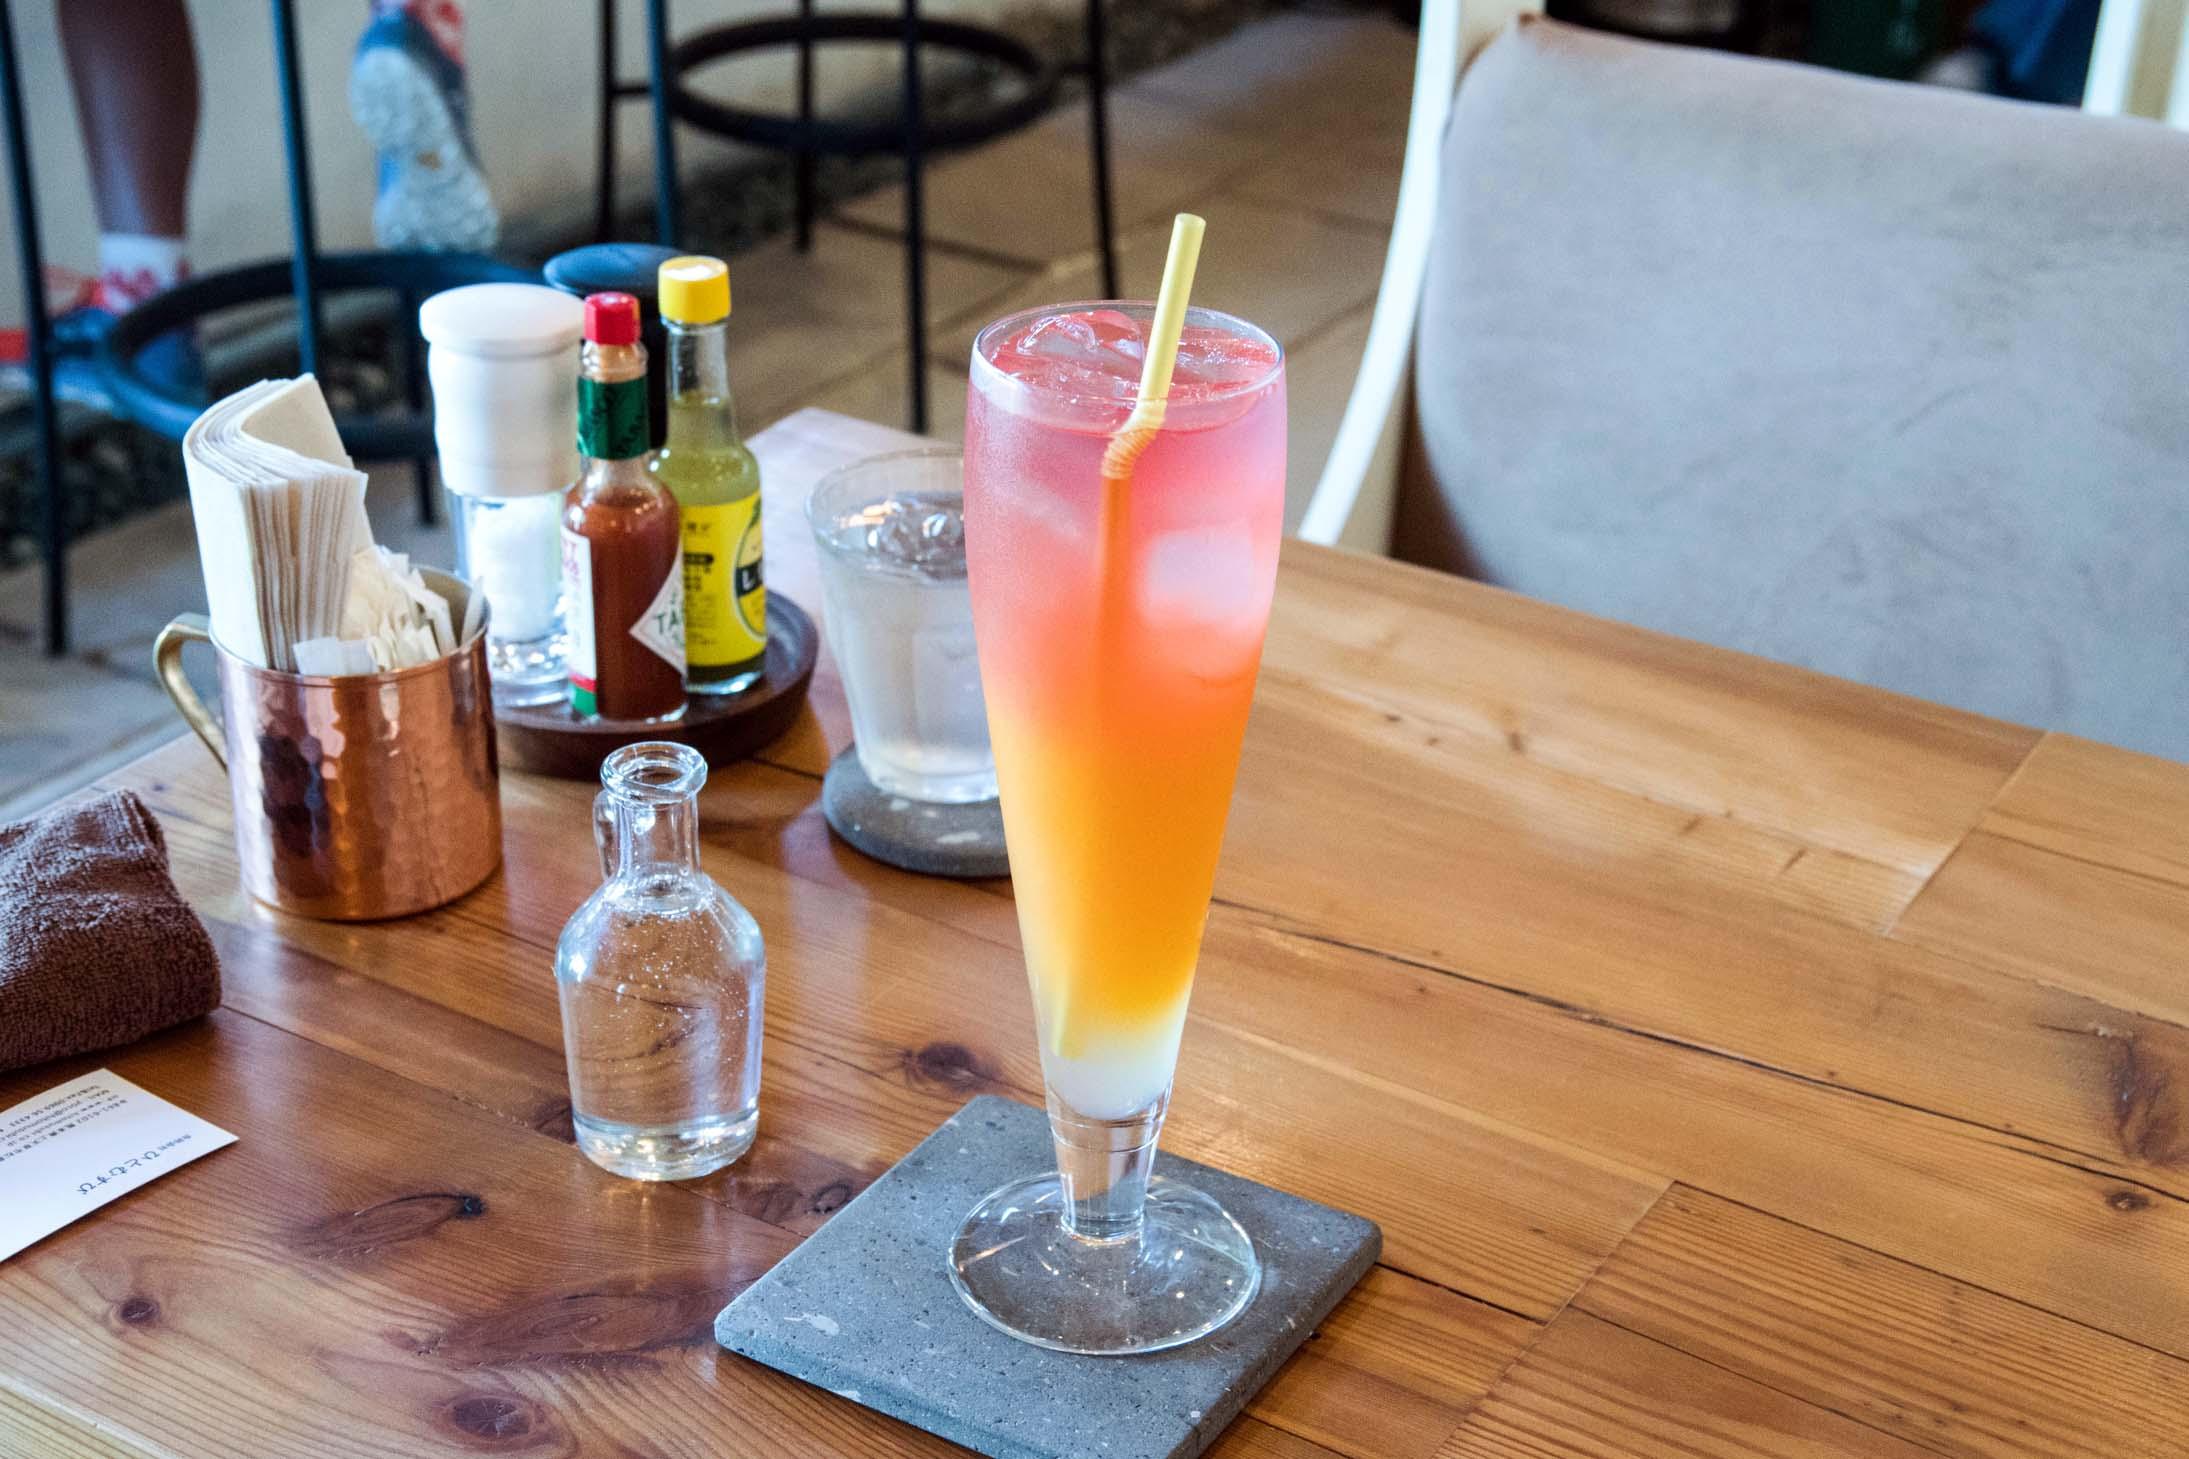 上天草市松島のCafe&bar MARCOは美味しくてオシャレ